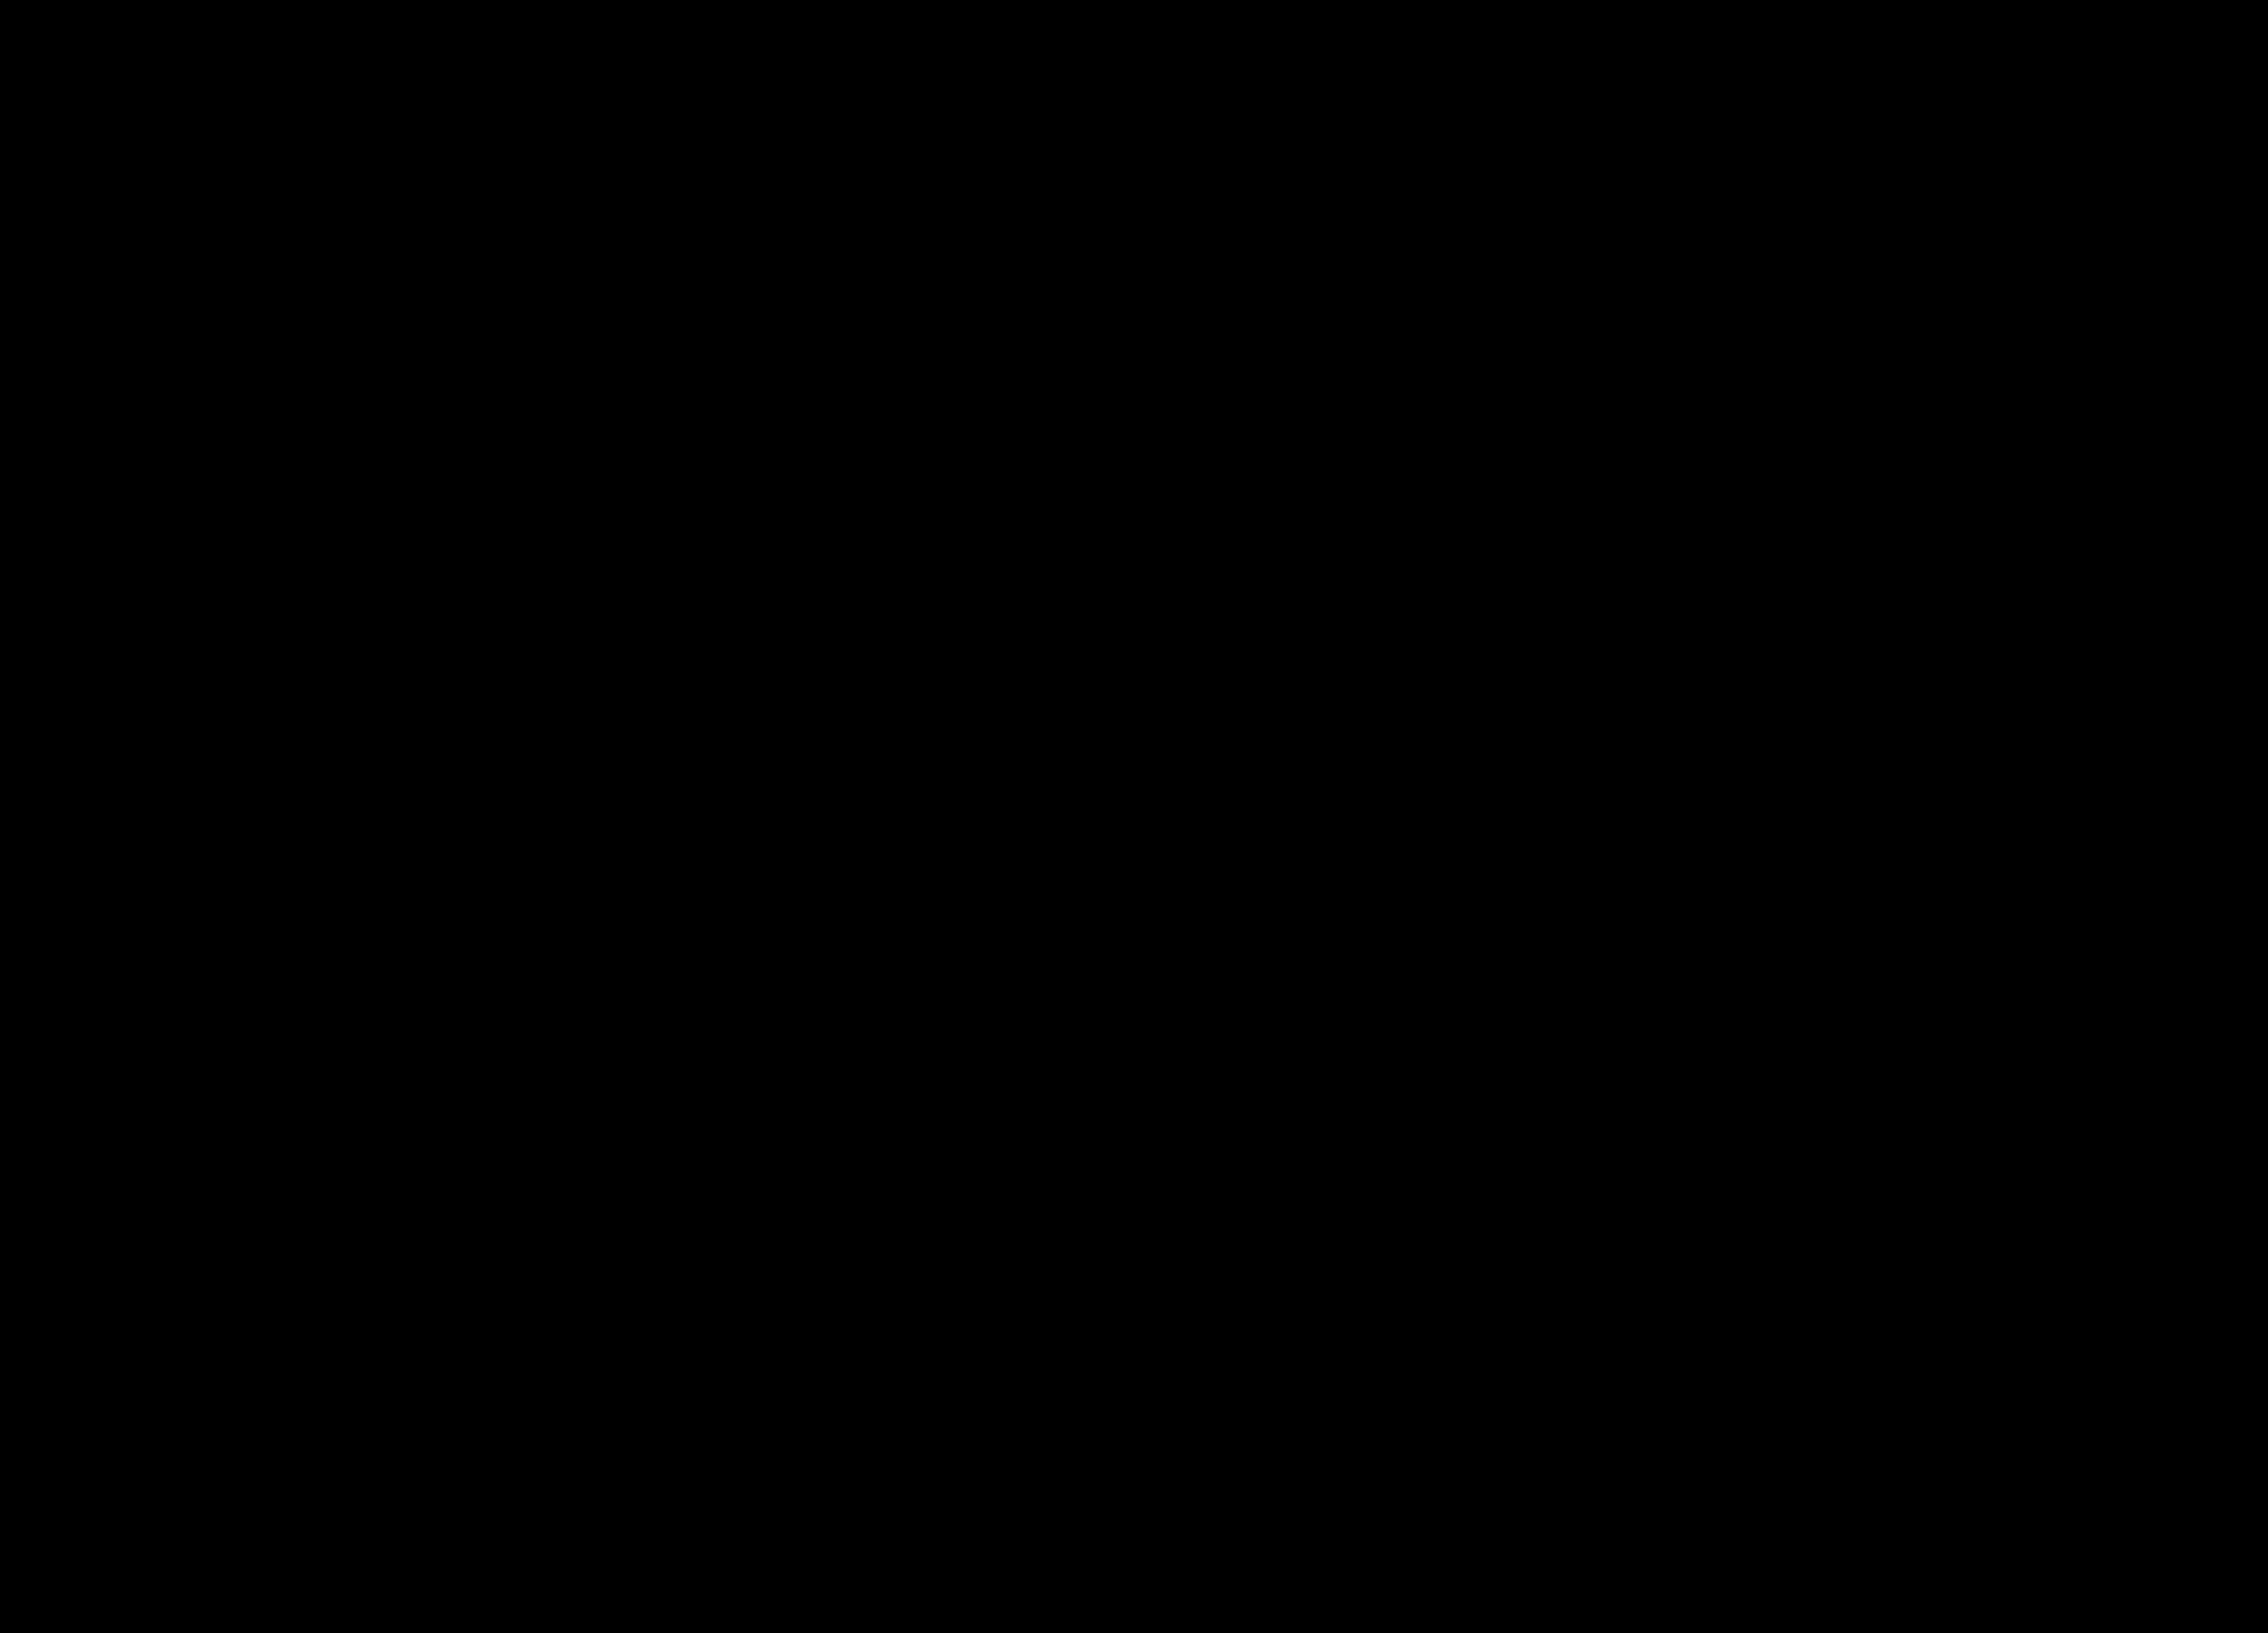 Verein_Puls_Sensenmann_Instagram_Postings